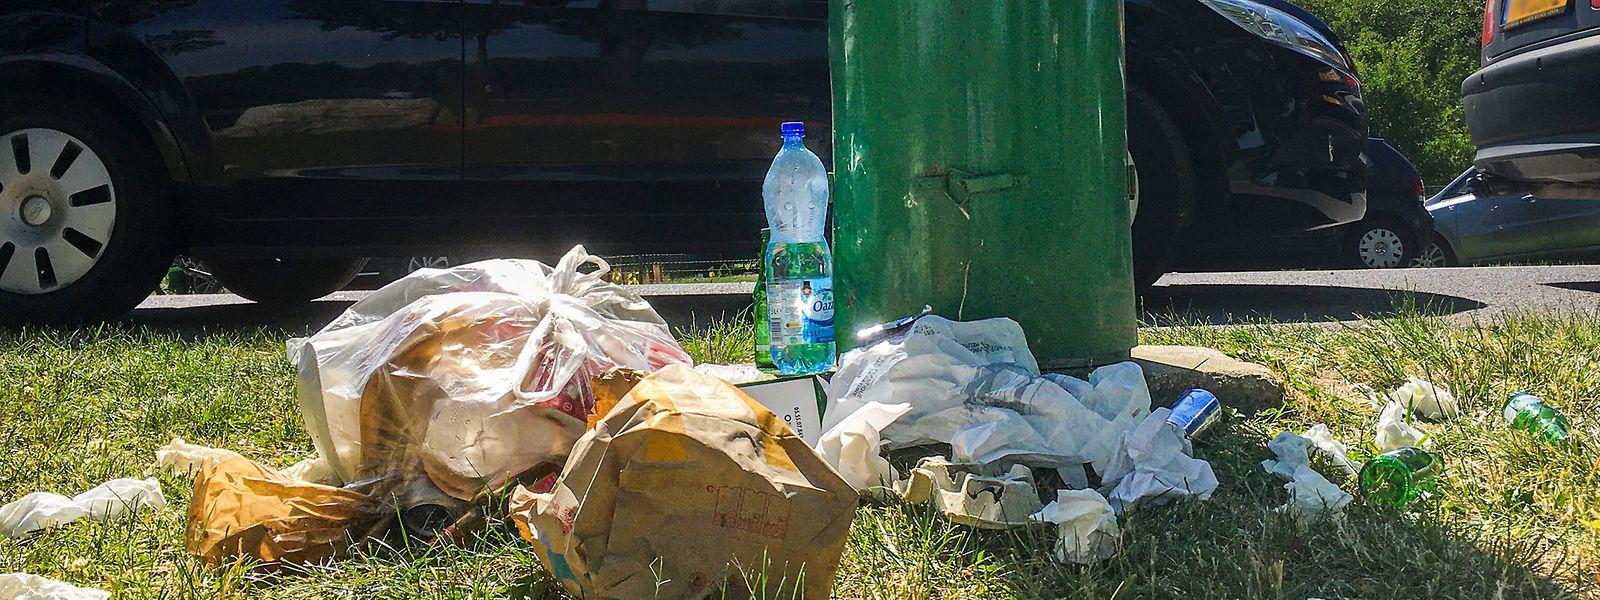 Vor allem im Sommer landet viel Müll auf dem Boden, statt im Mülleimer.